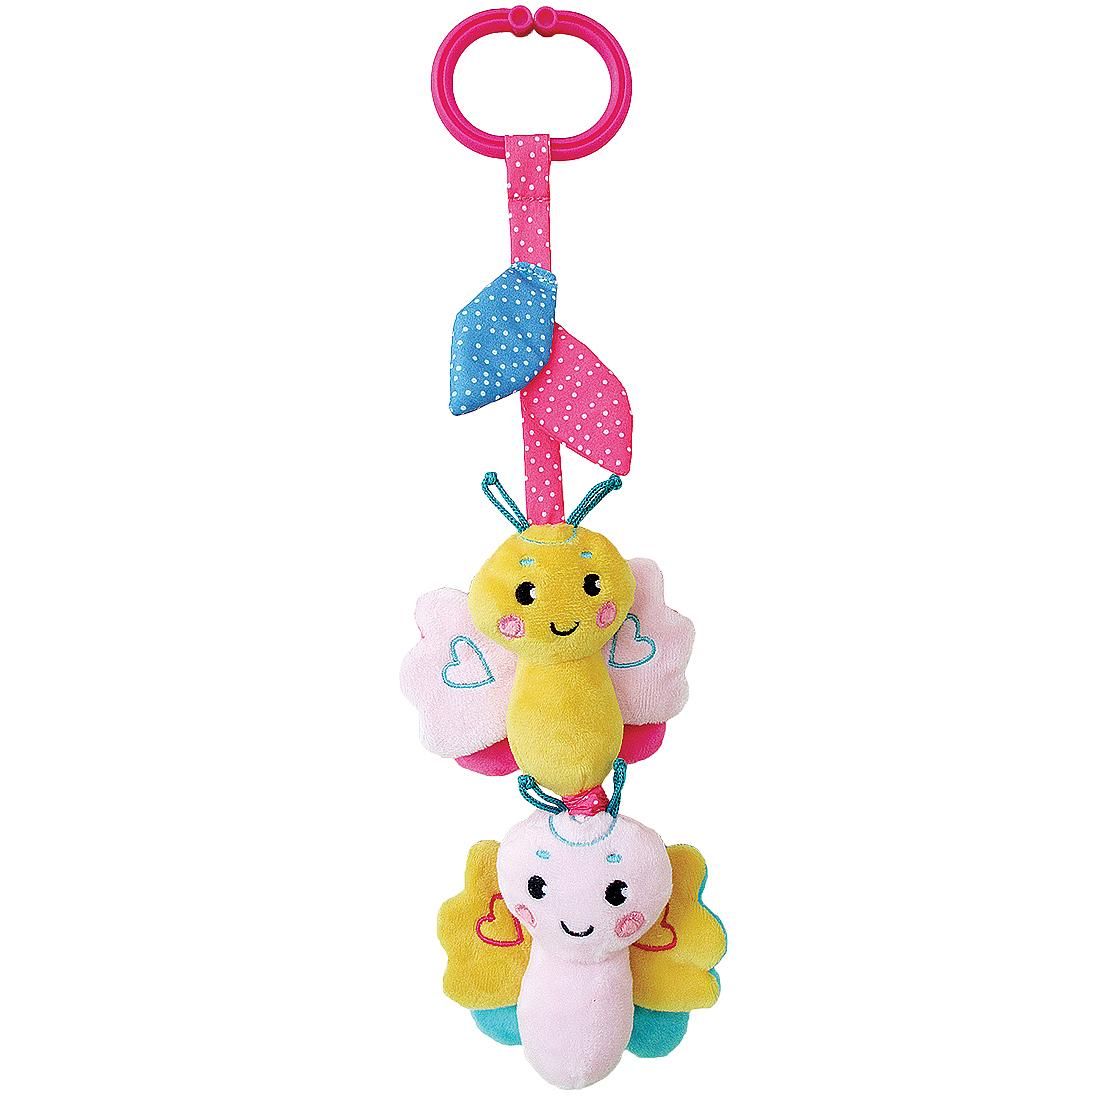 Игры и игрушки в дорогу Жирафики Бабочка игры и игрушки в дорогу жирафики подвеска книжка с шуршалкой зайка полли